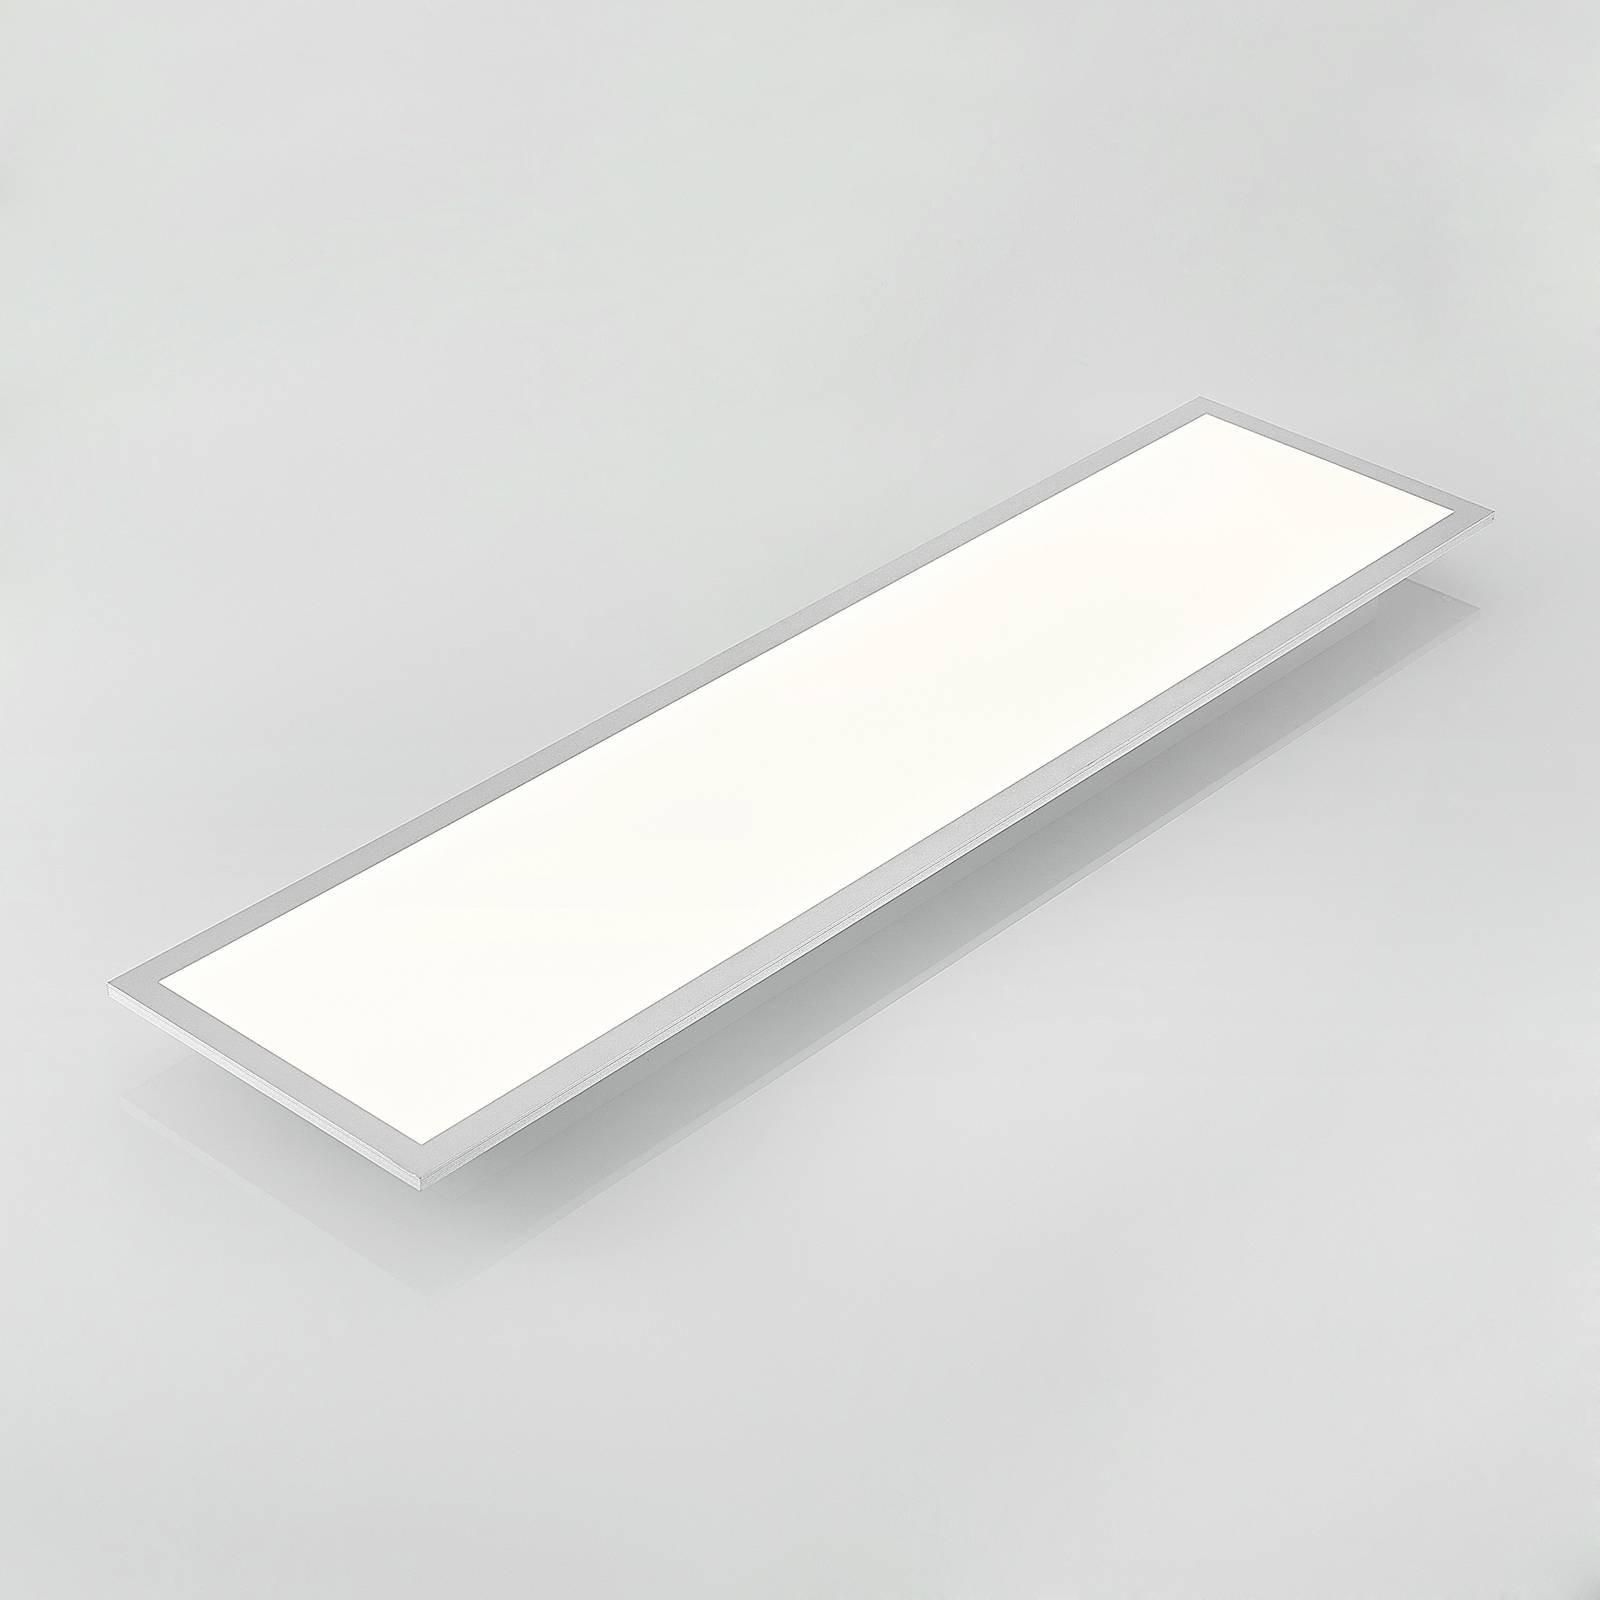 Lindby Zimmi LED-taklampe, 120 x 30cm